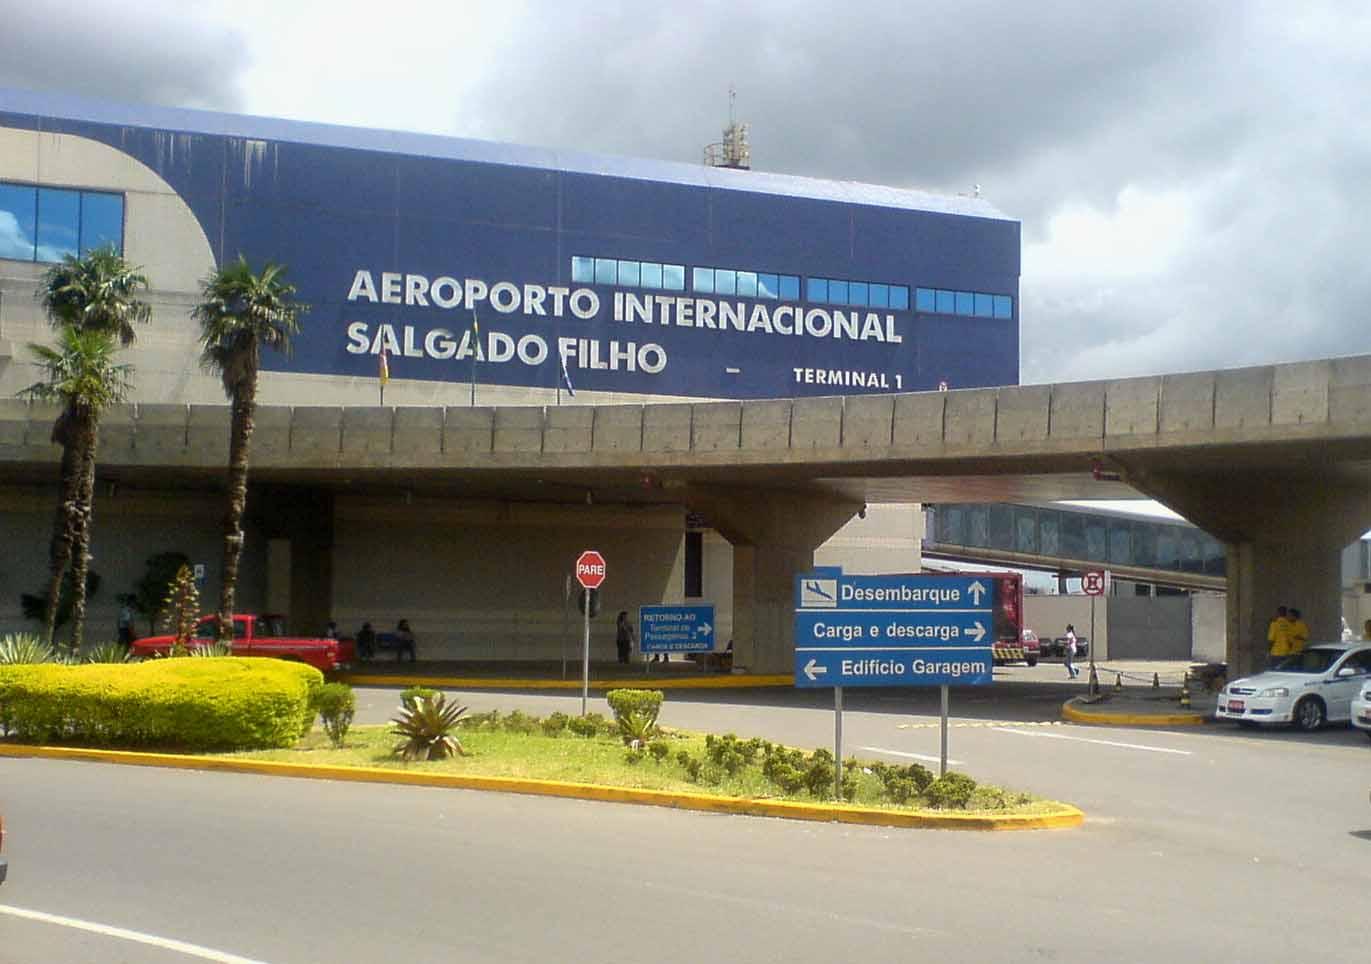 Aeroporto Porto Alegre : Aeroporto internacional salgado filho porto alegre rs